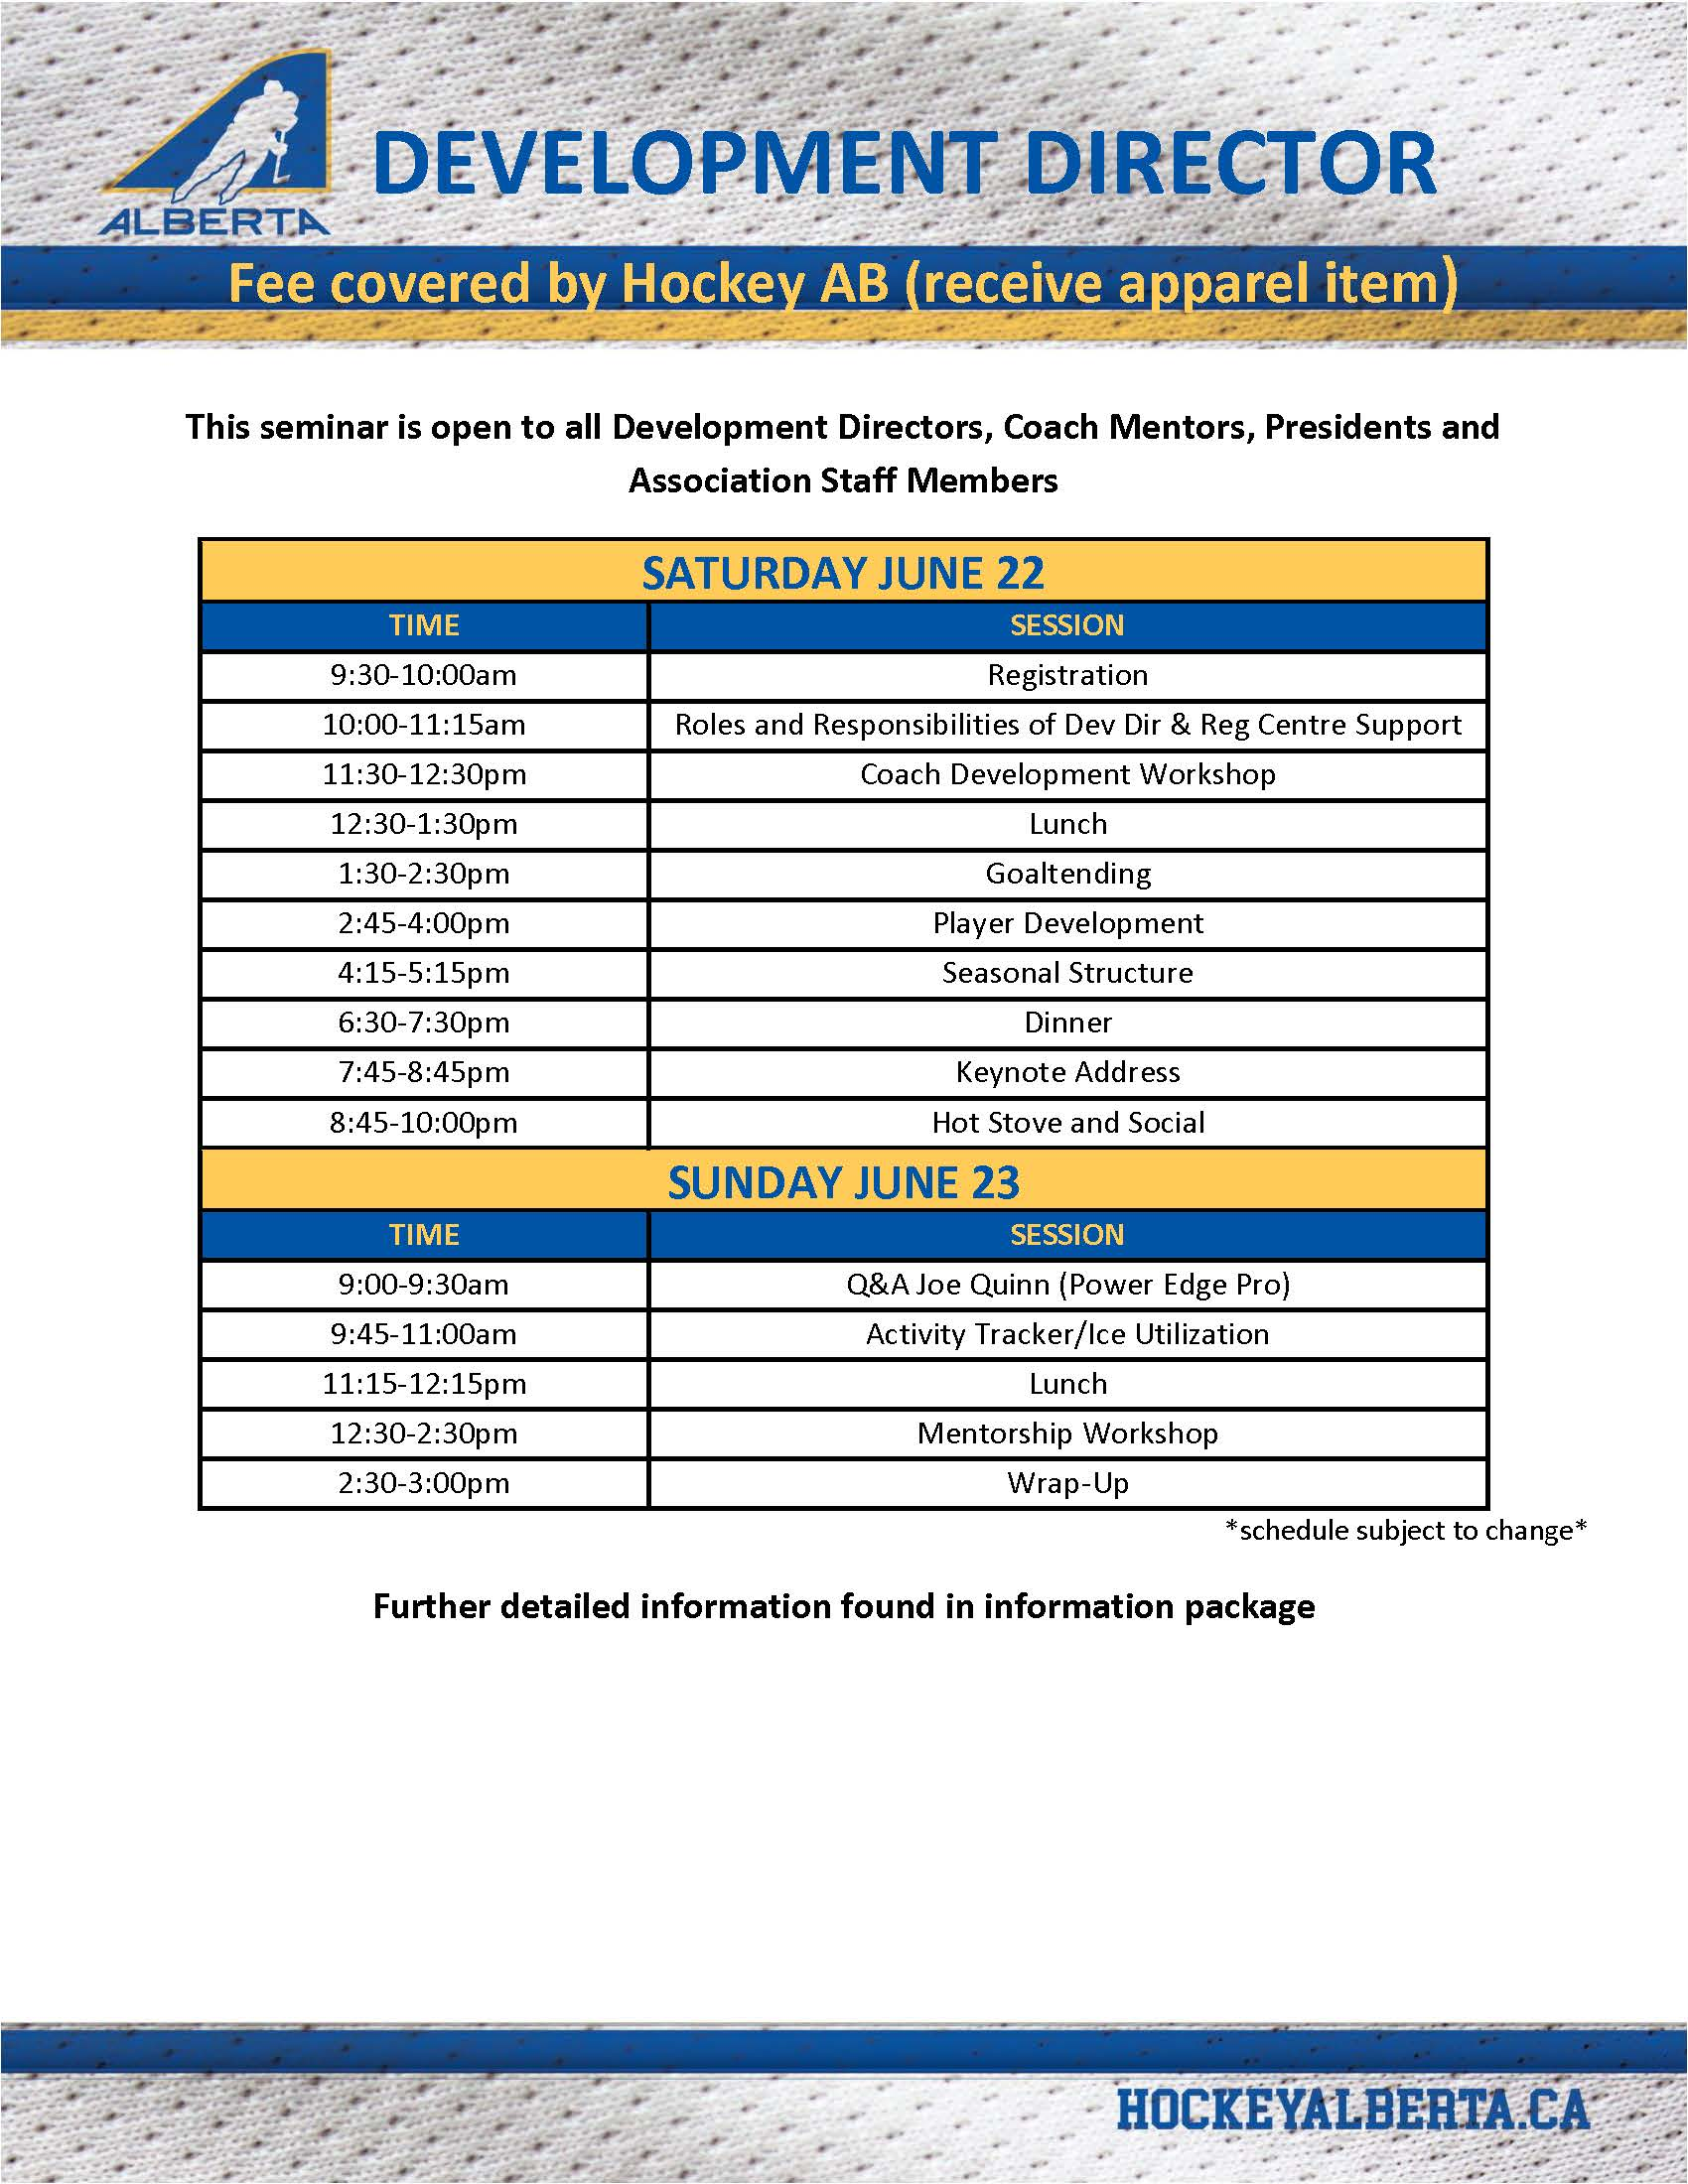 Development Directors Schedule